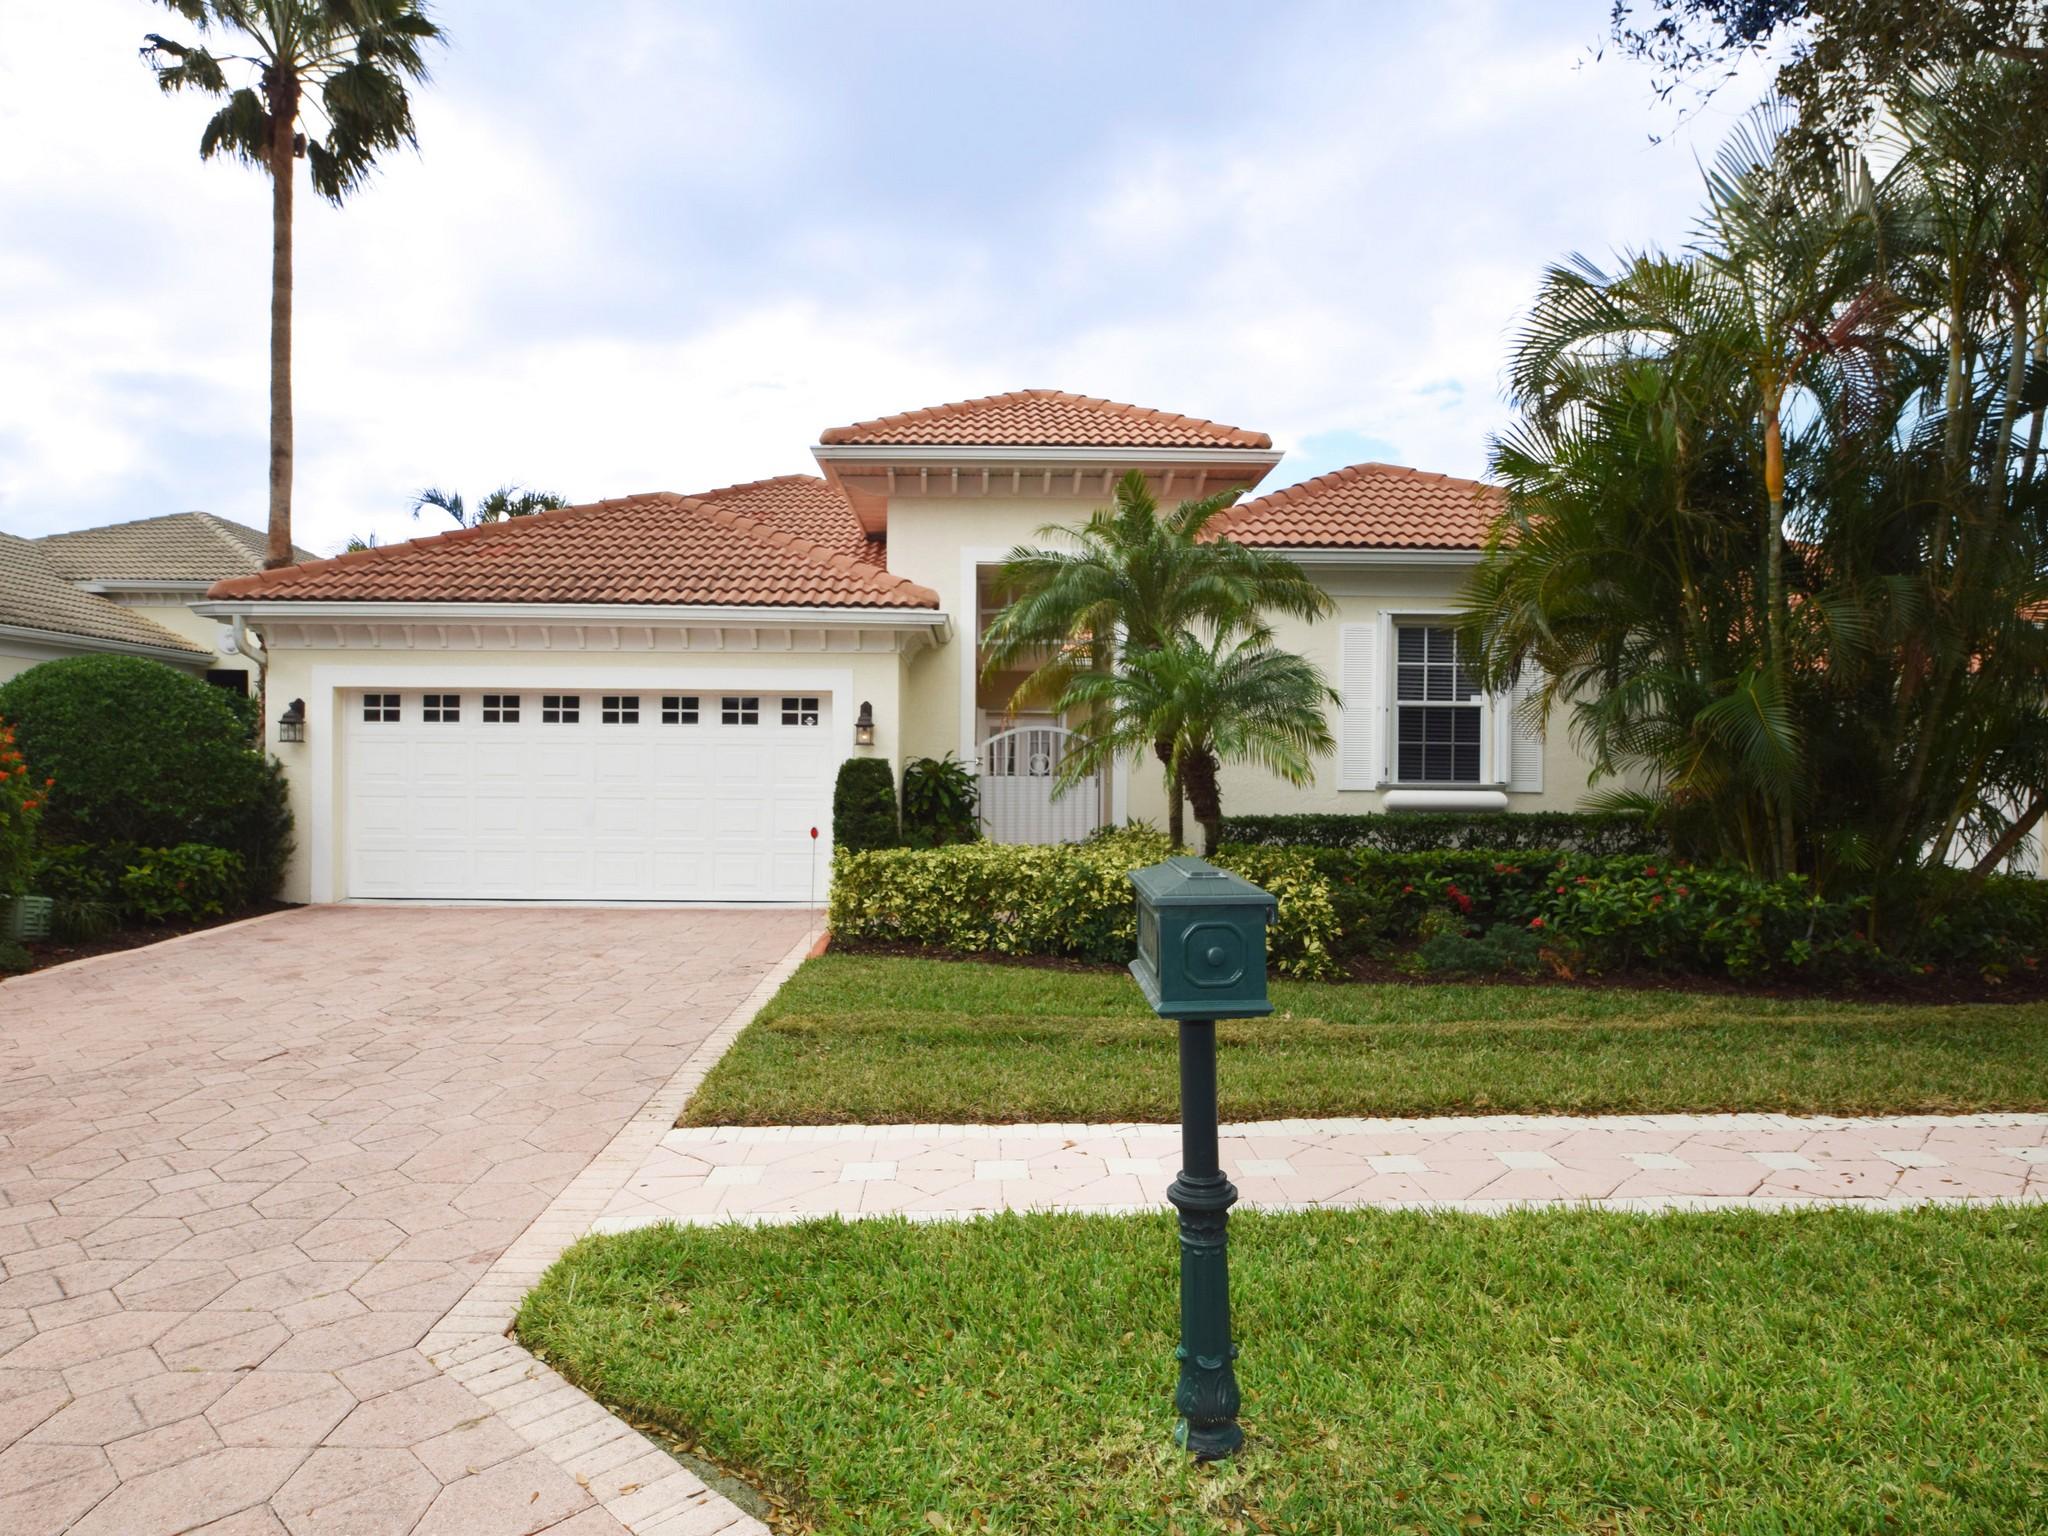 Villa per Vendita alle ore Island Club Courtyard Home 1000 Island Club Square Vero Beach, Florida, 32963 Stati Uniti